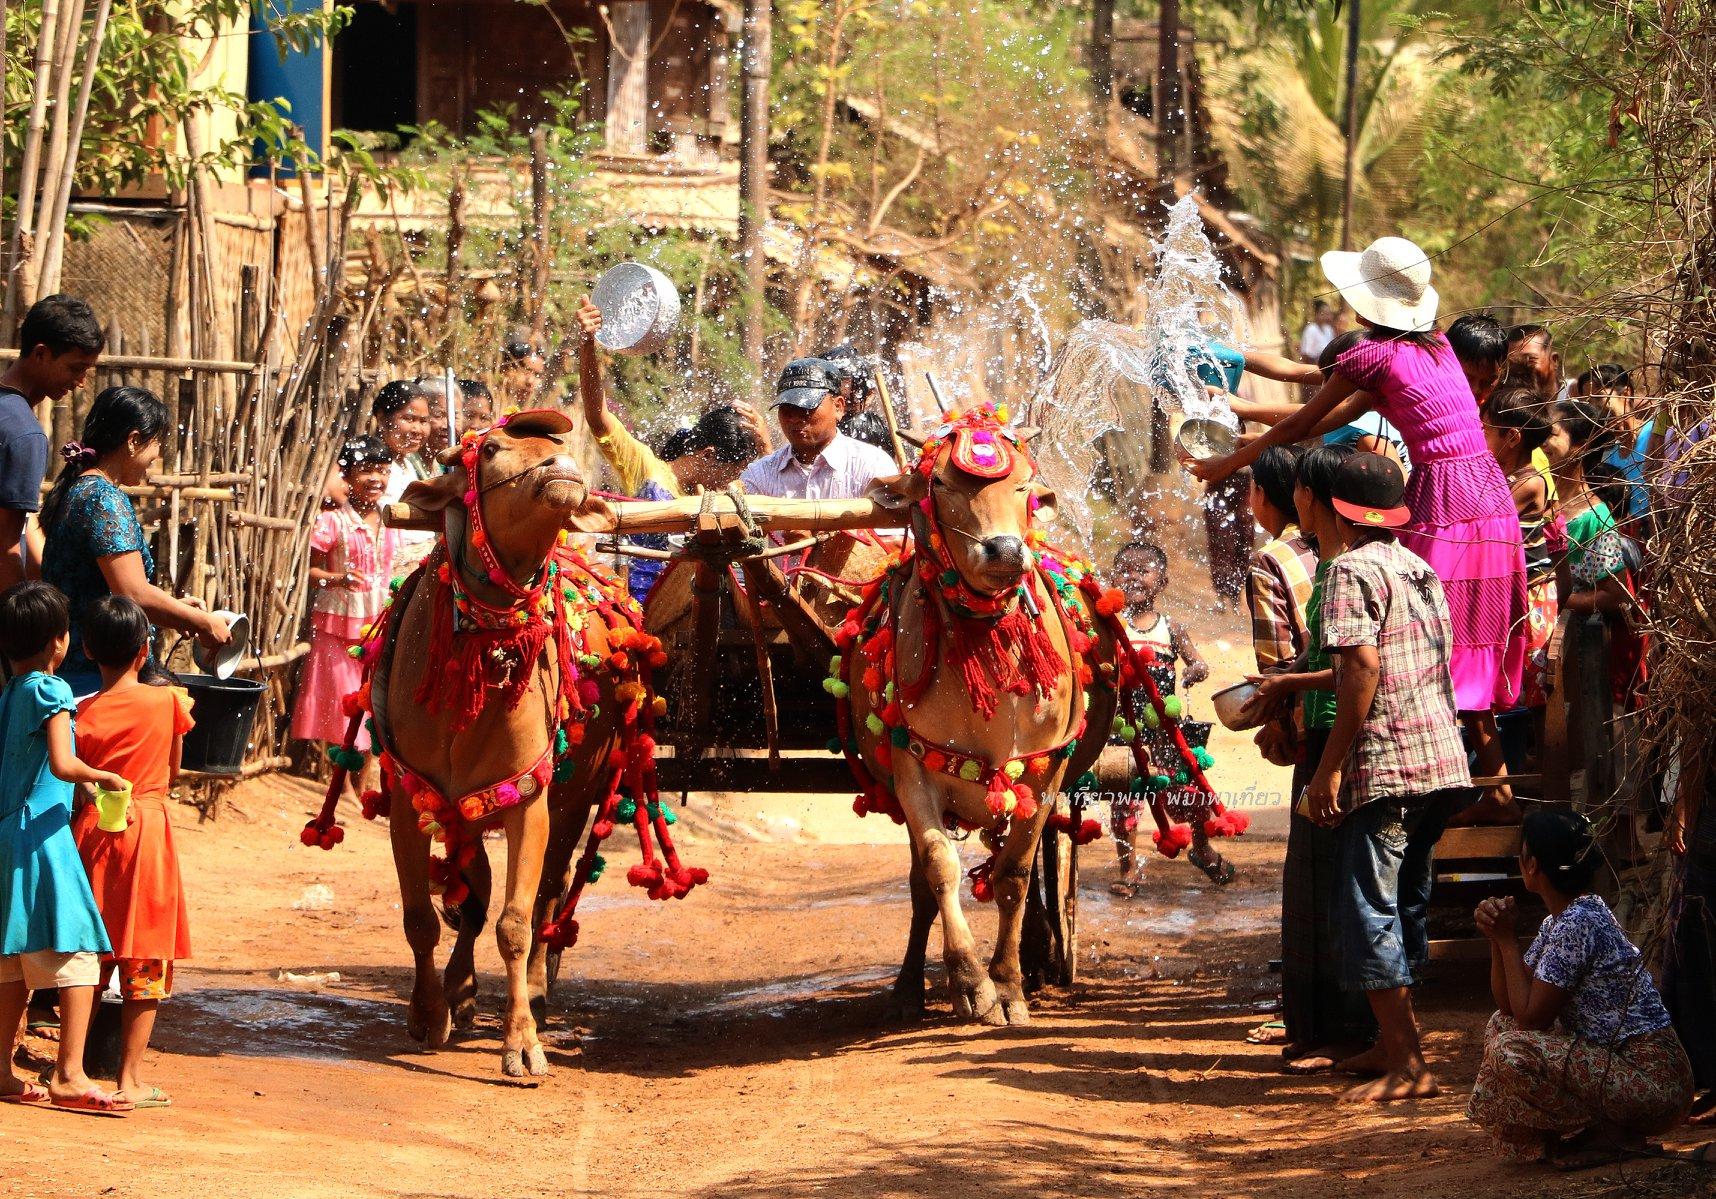 สงกรานต์ที่พม่า - ชวนมารู้... ประเพณีสงกรานต์จากประเทศเพื่อนบ้านที่ควรได้ไปสัมผัสสักครั้ง